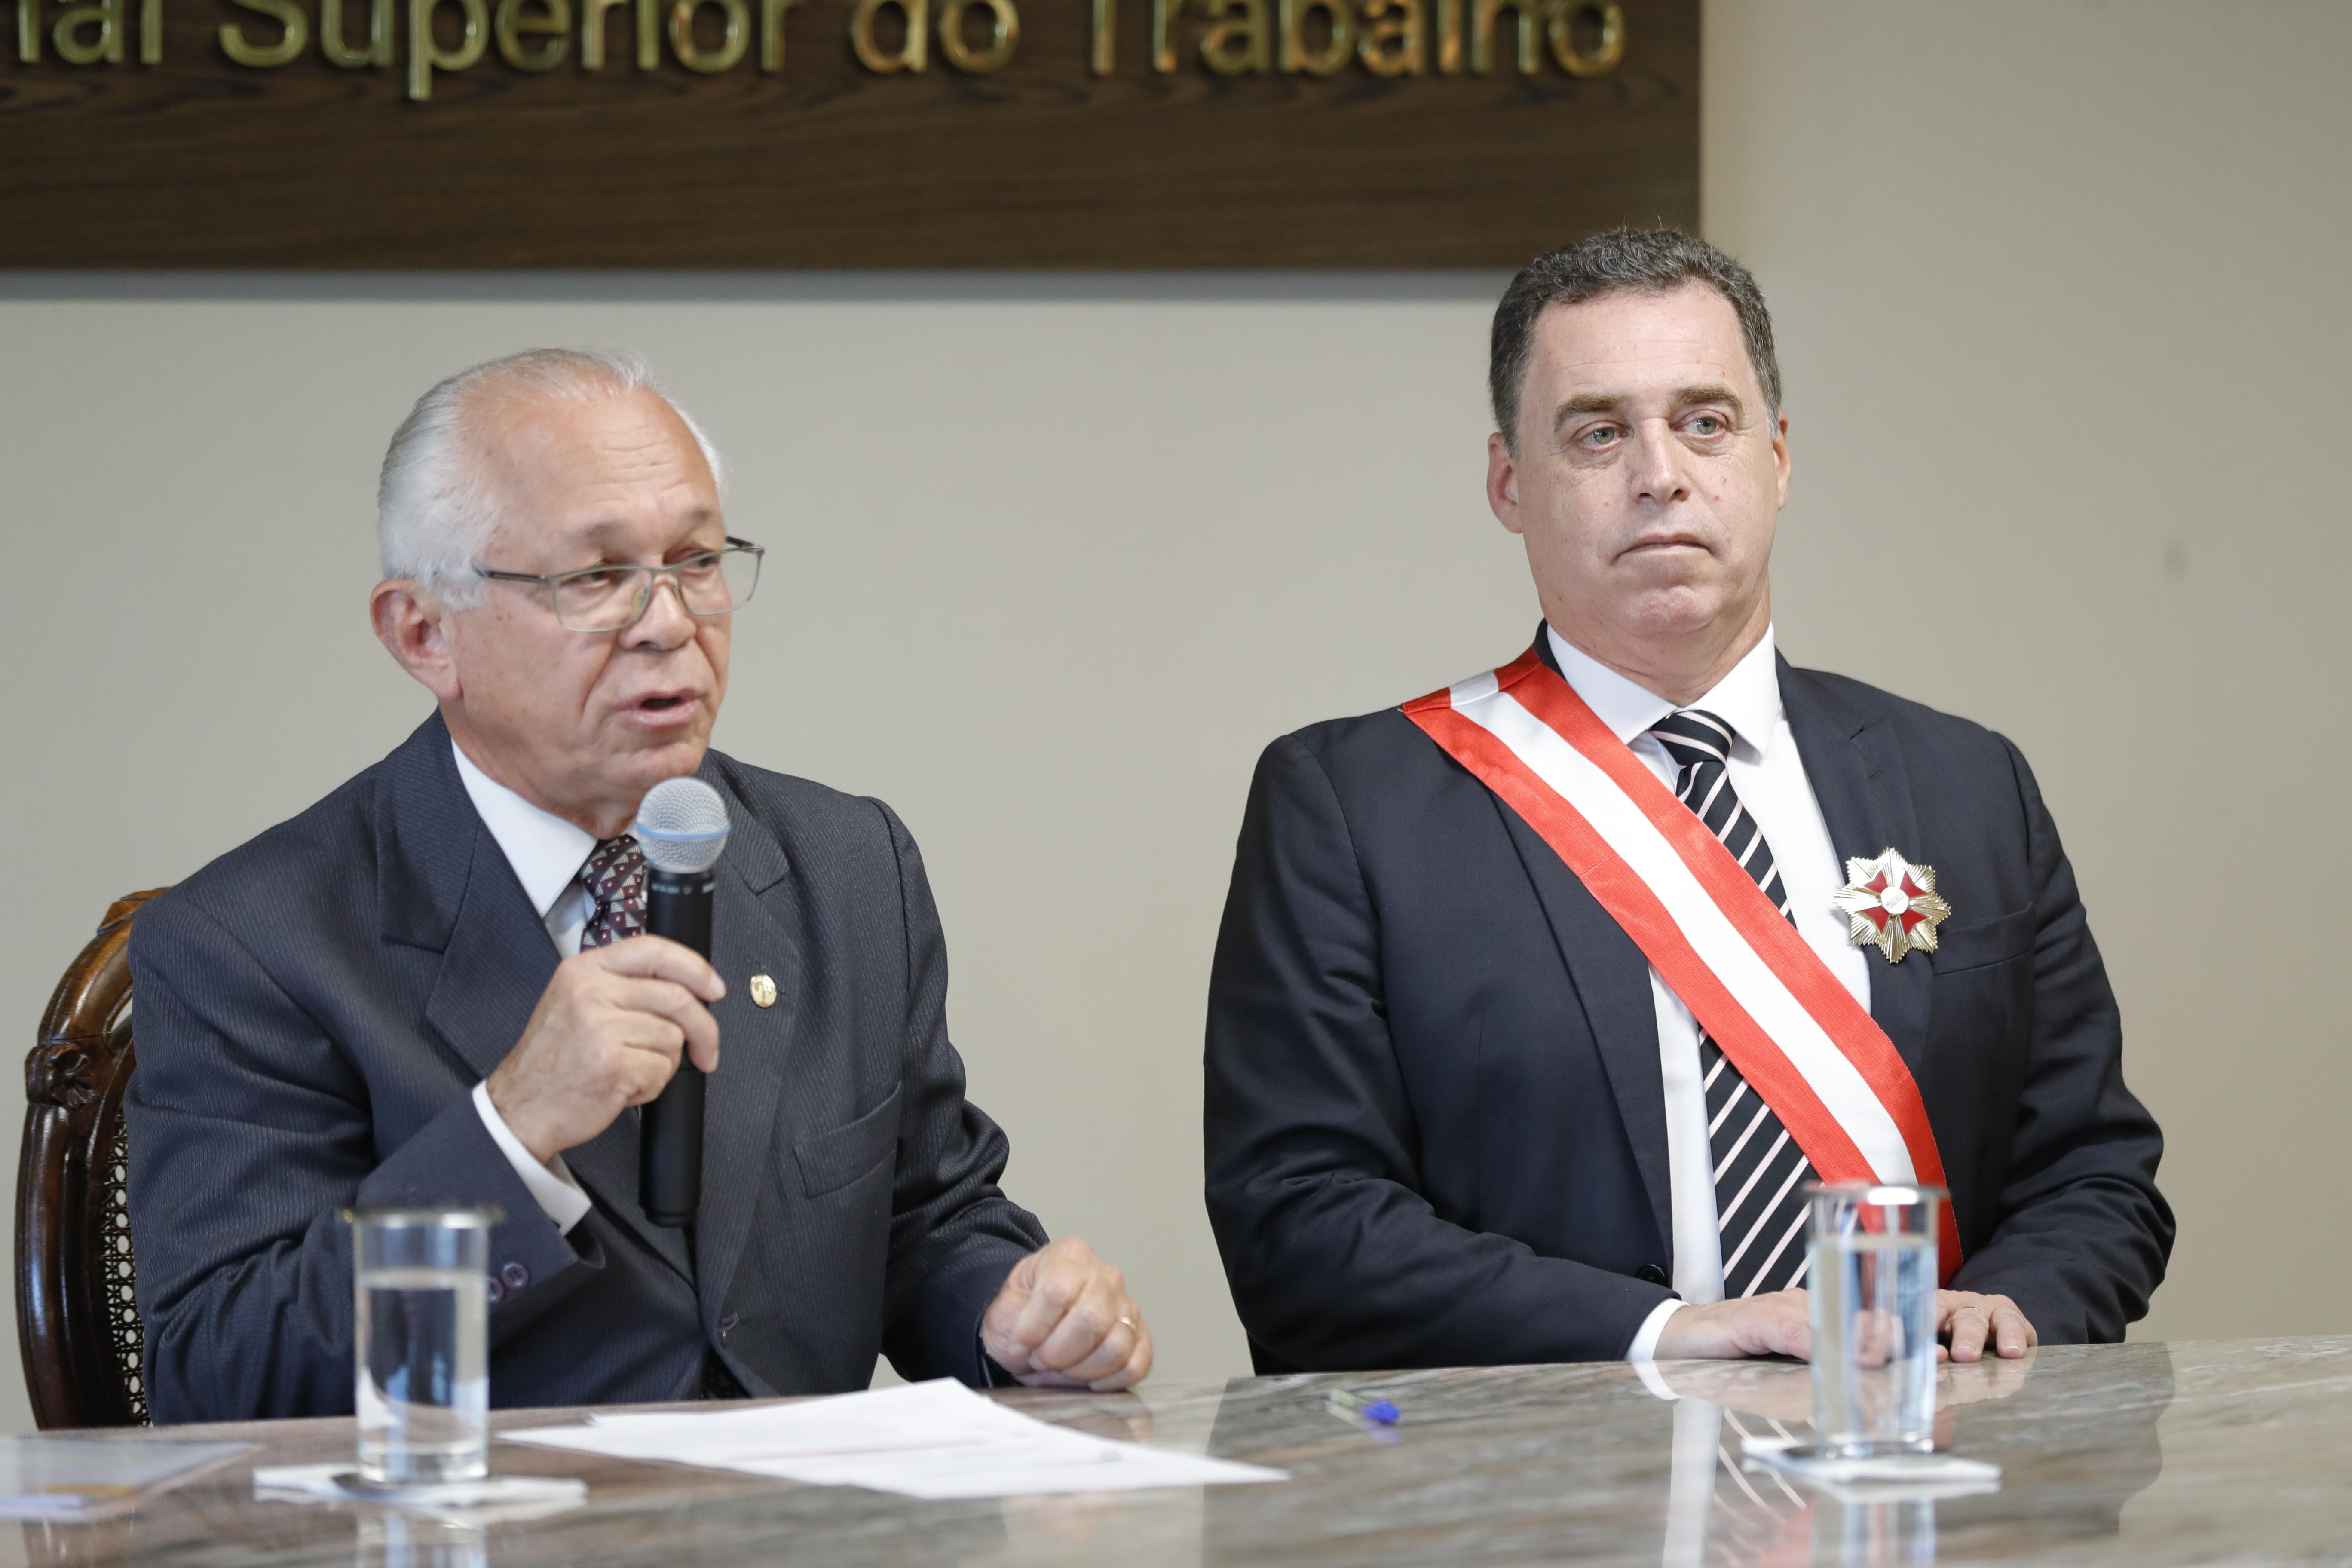 Evandro Pereira Valadão Lopes toma posse no cargo de ministro do TST